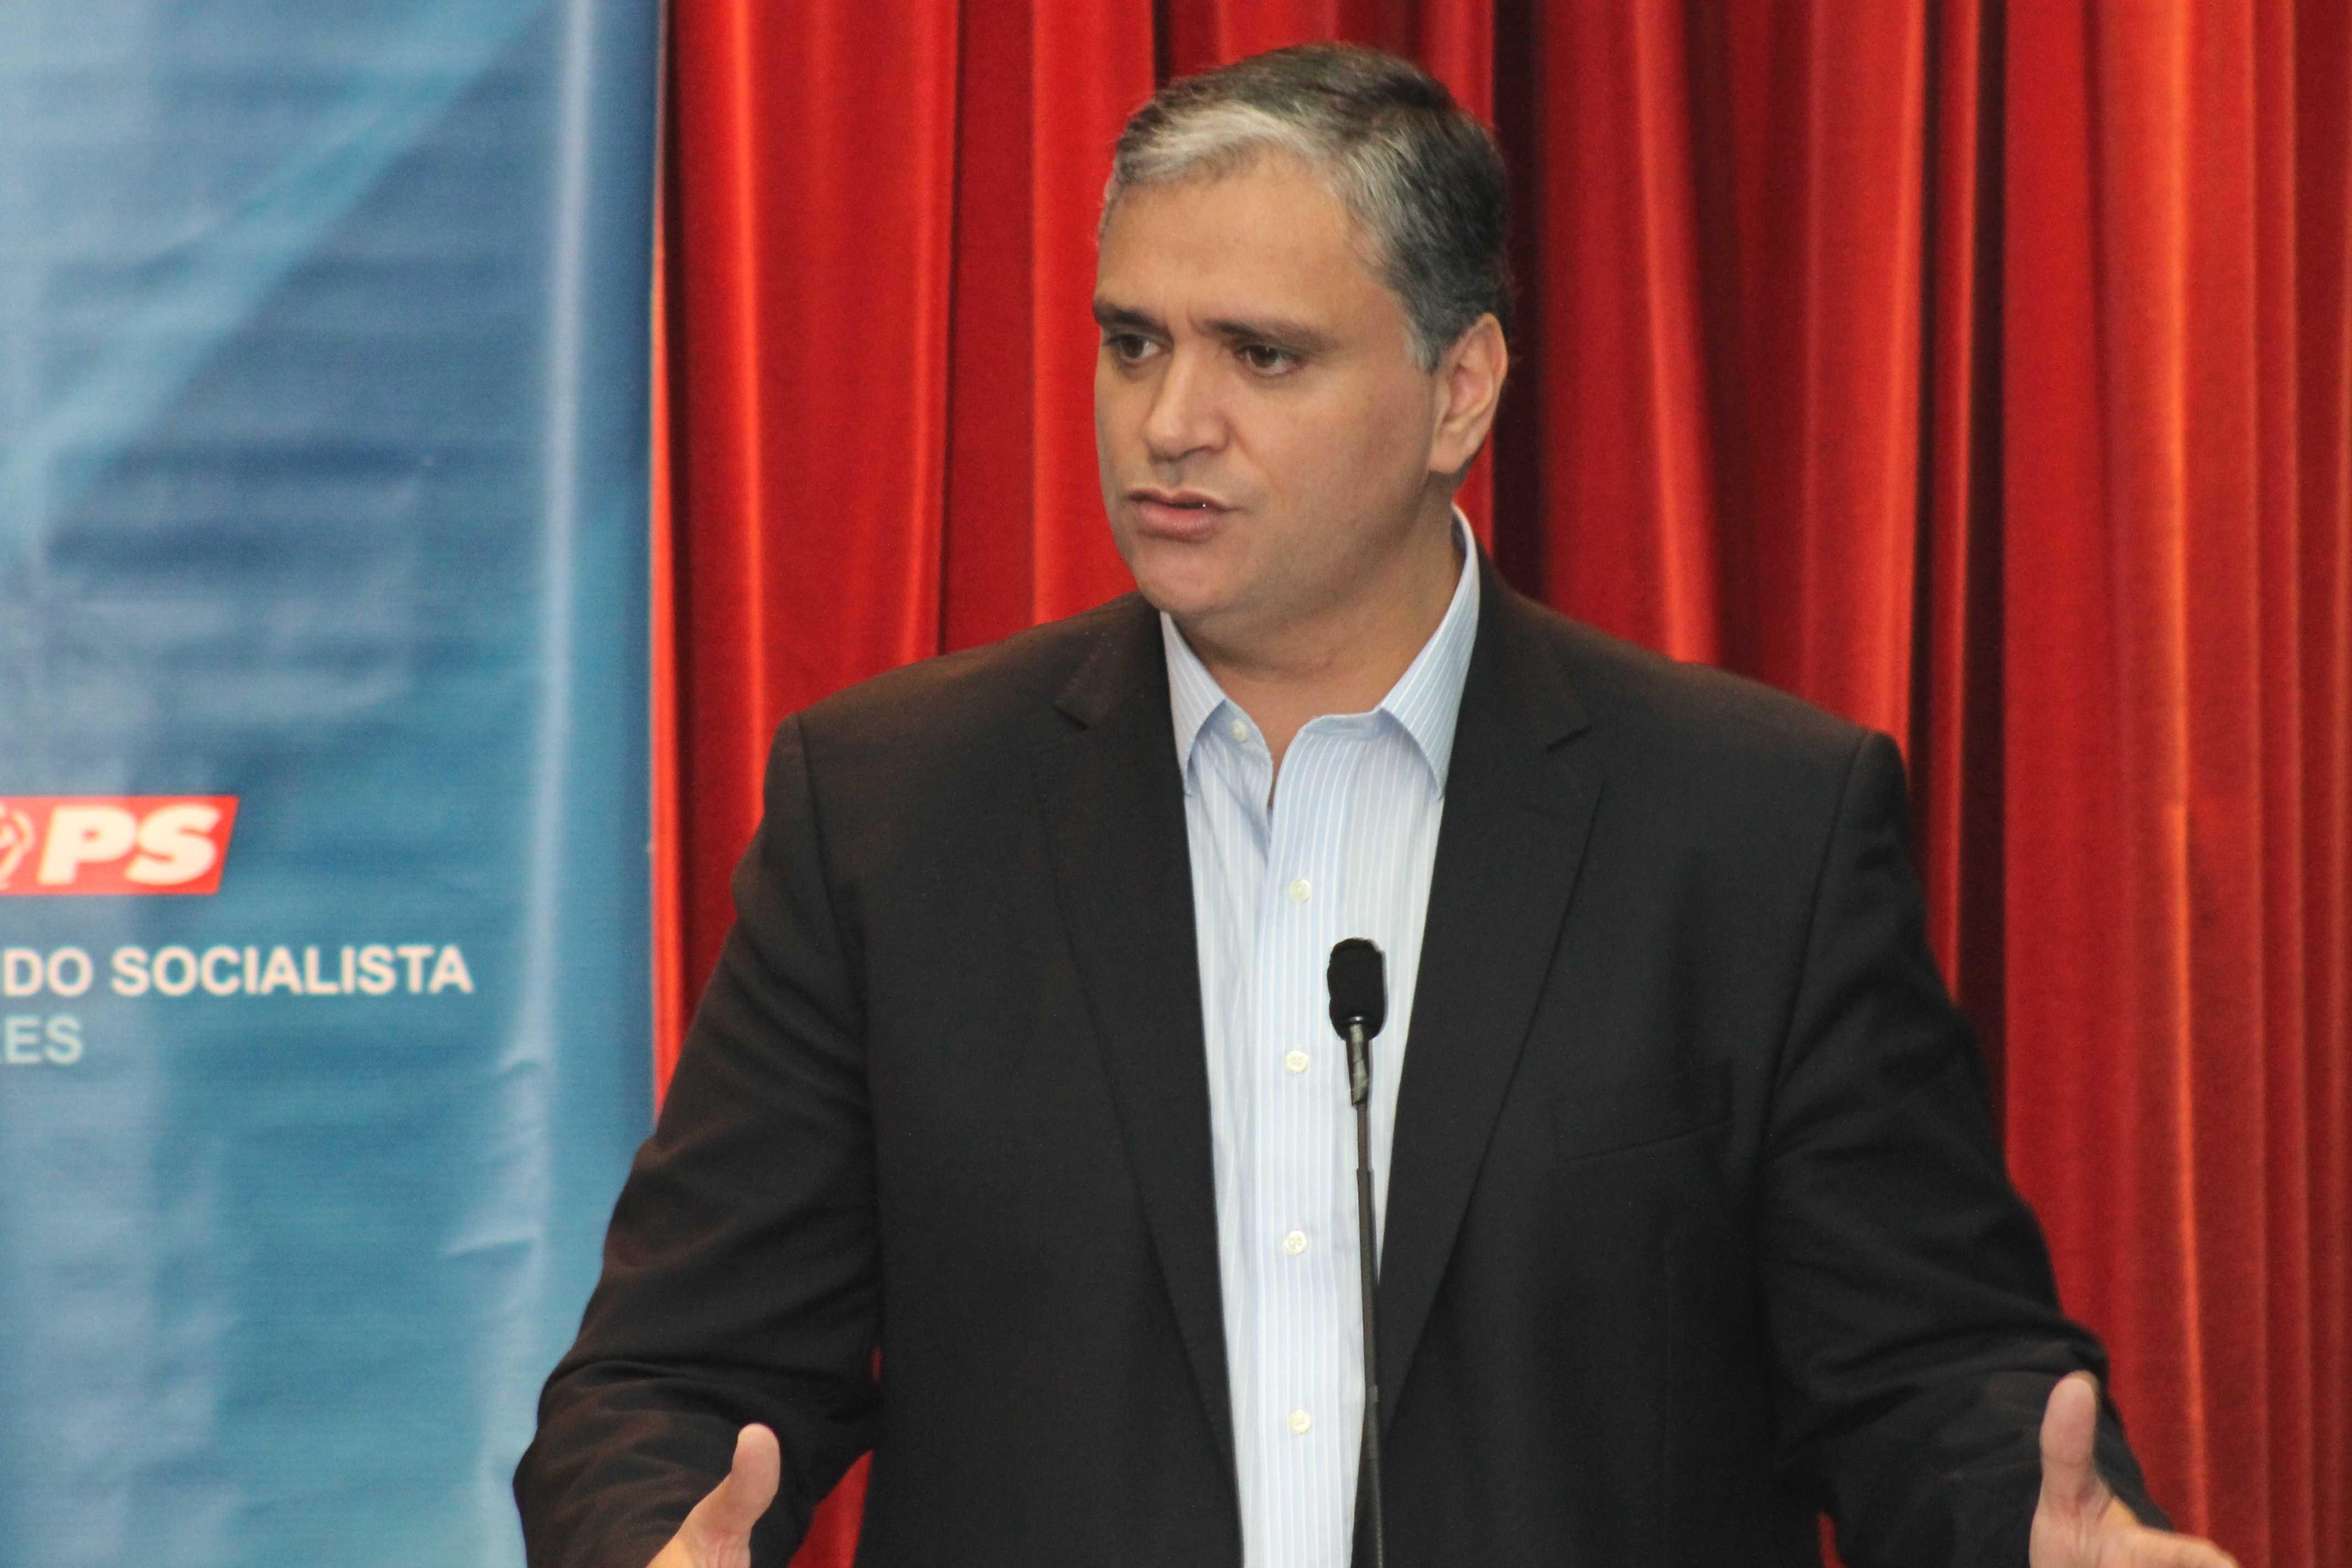 """""""Fomos até ao limite das nossas competências e recursos para ajudar as famílias e as empresas Açorianas"""", destacou Vasco Cordeiro"""